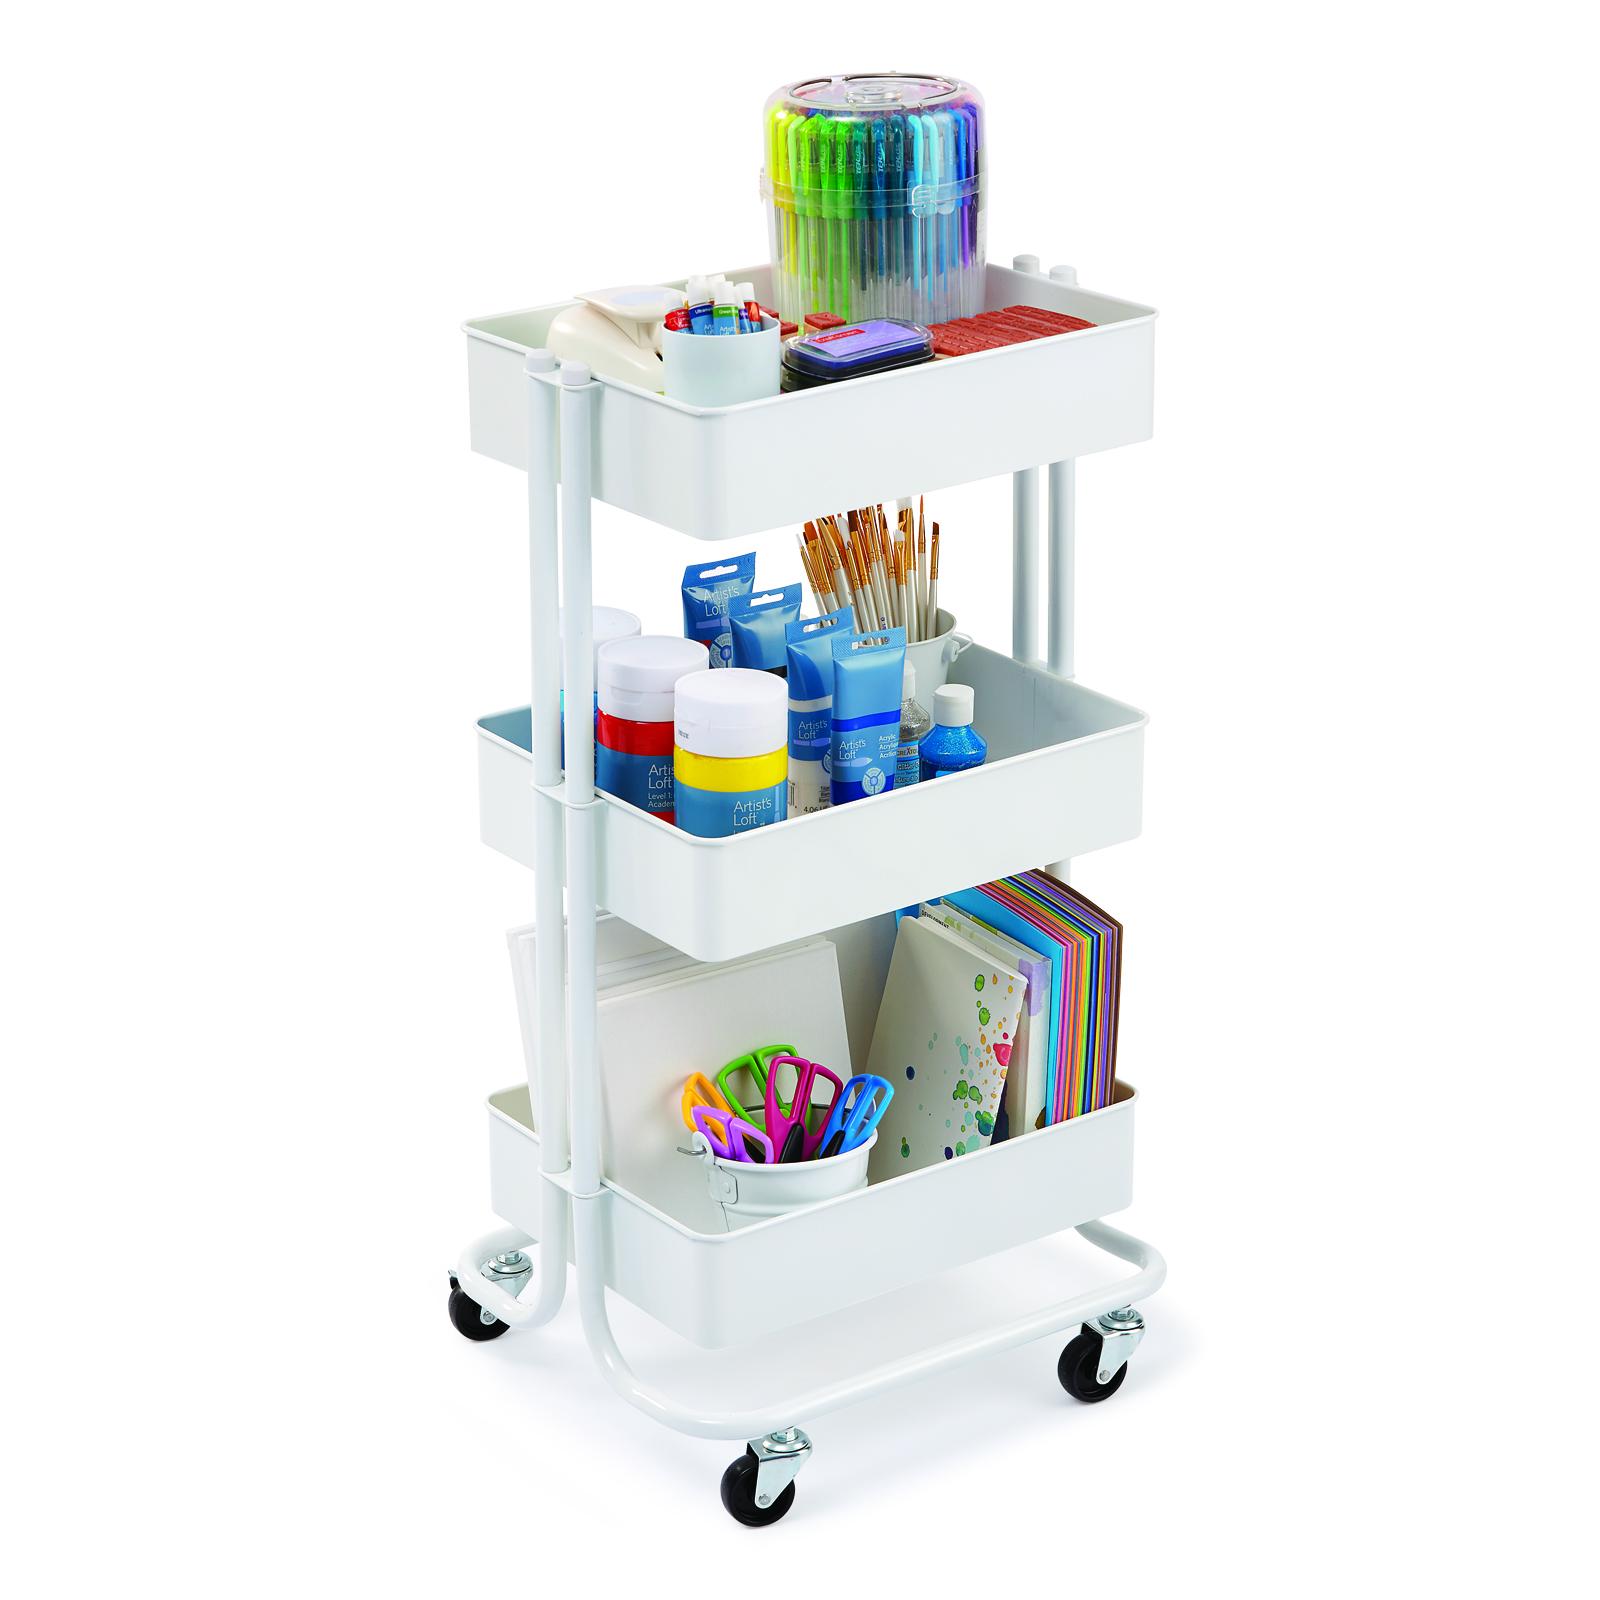 White Lexington 3-tier Rolling Cart